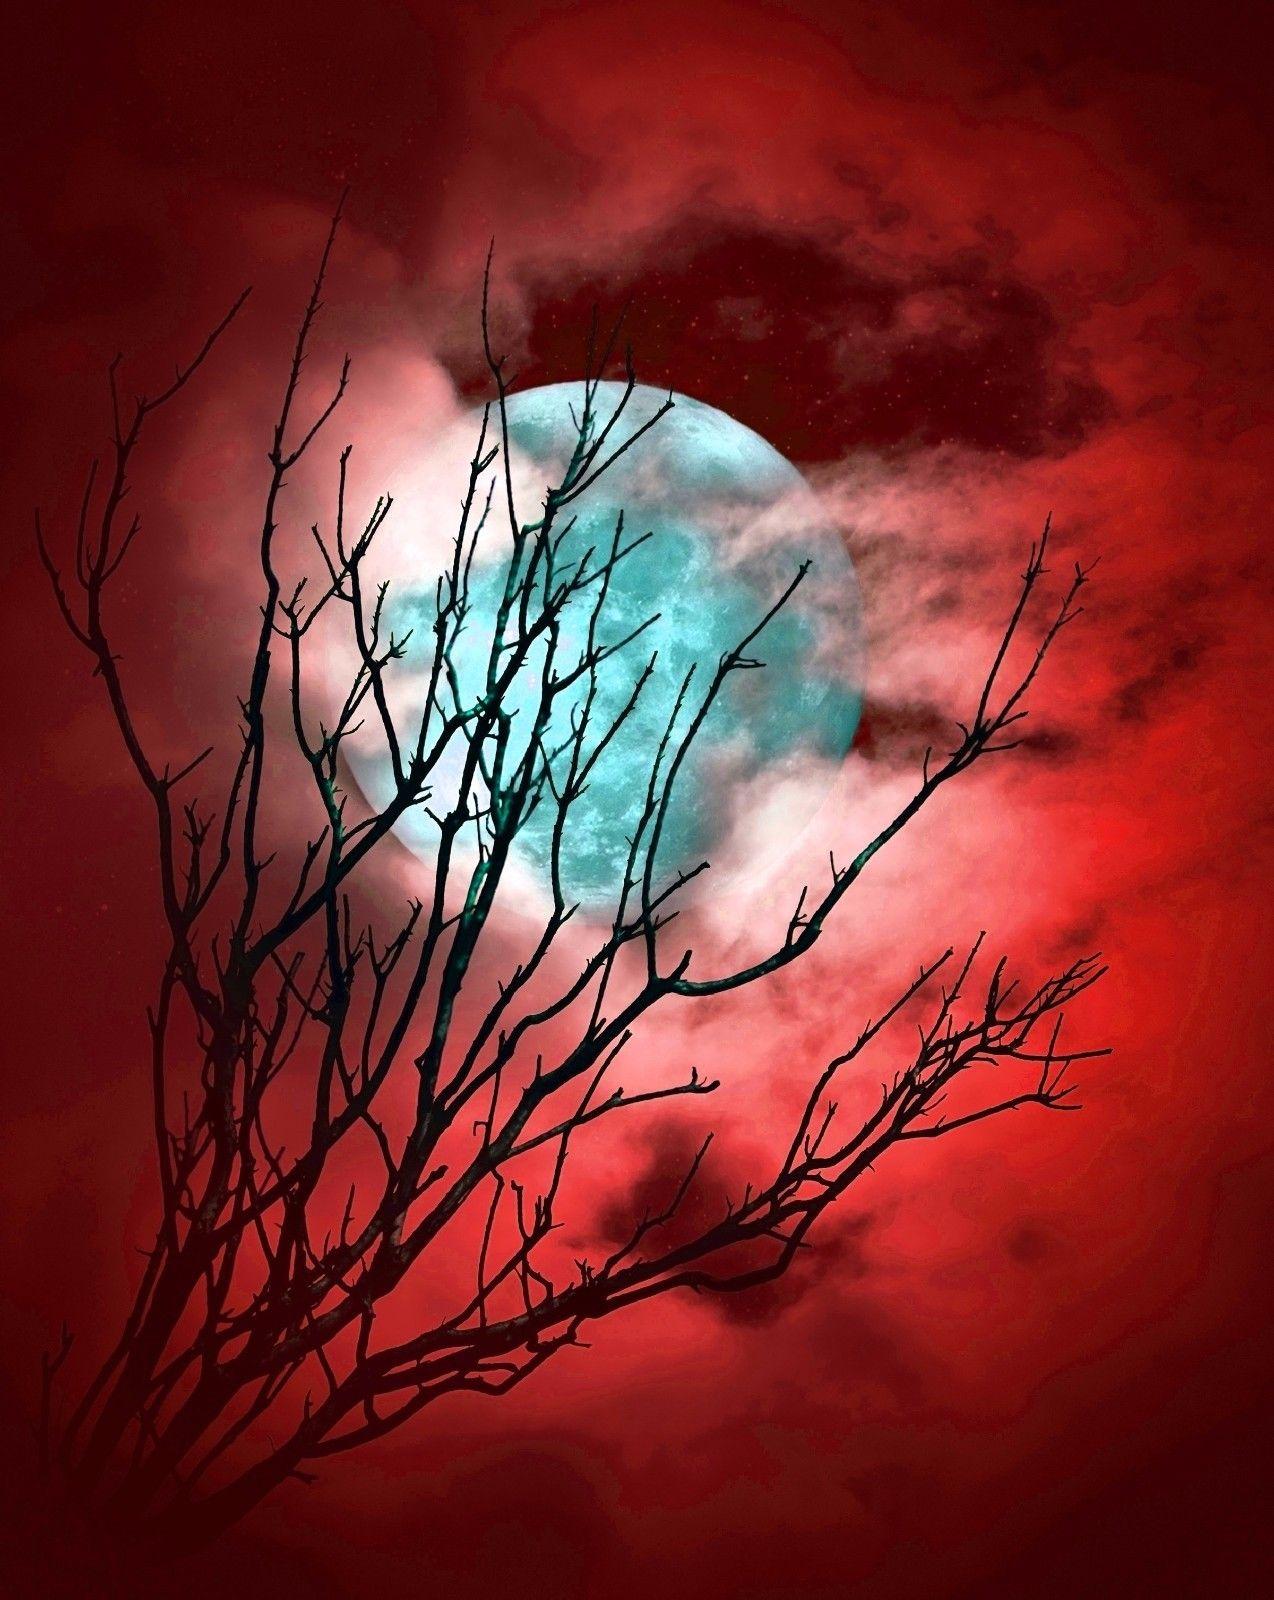 red moon nice - photo #11